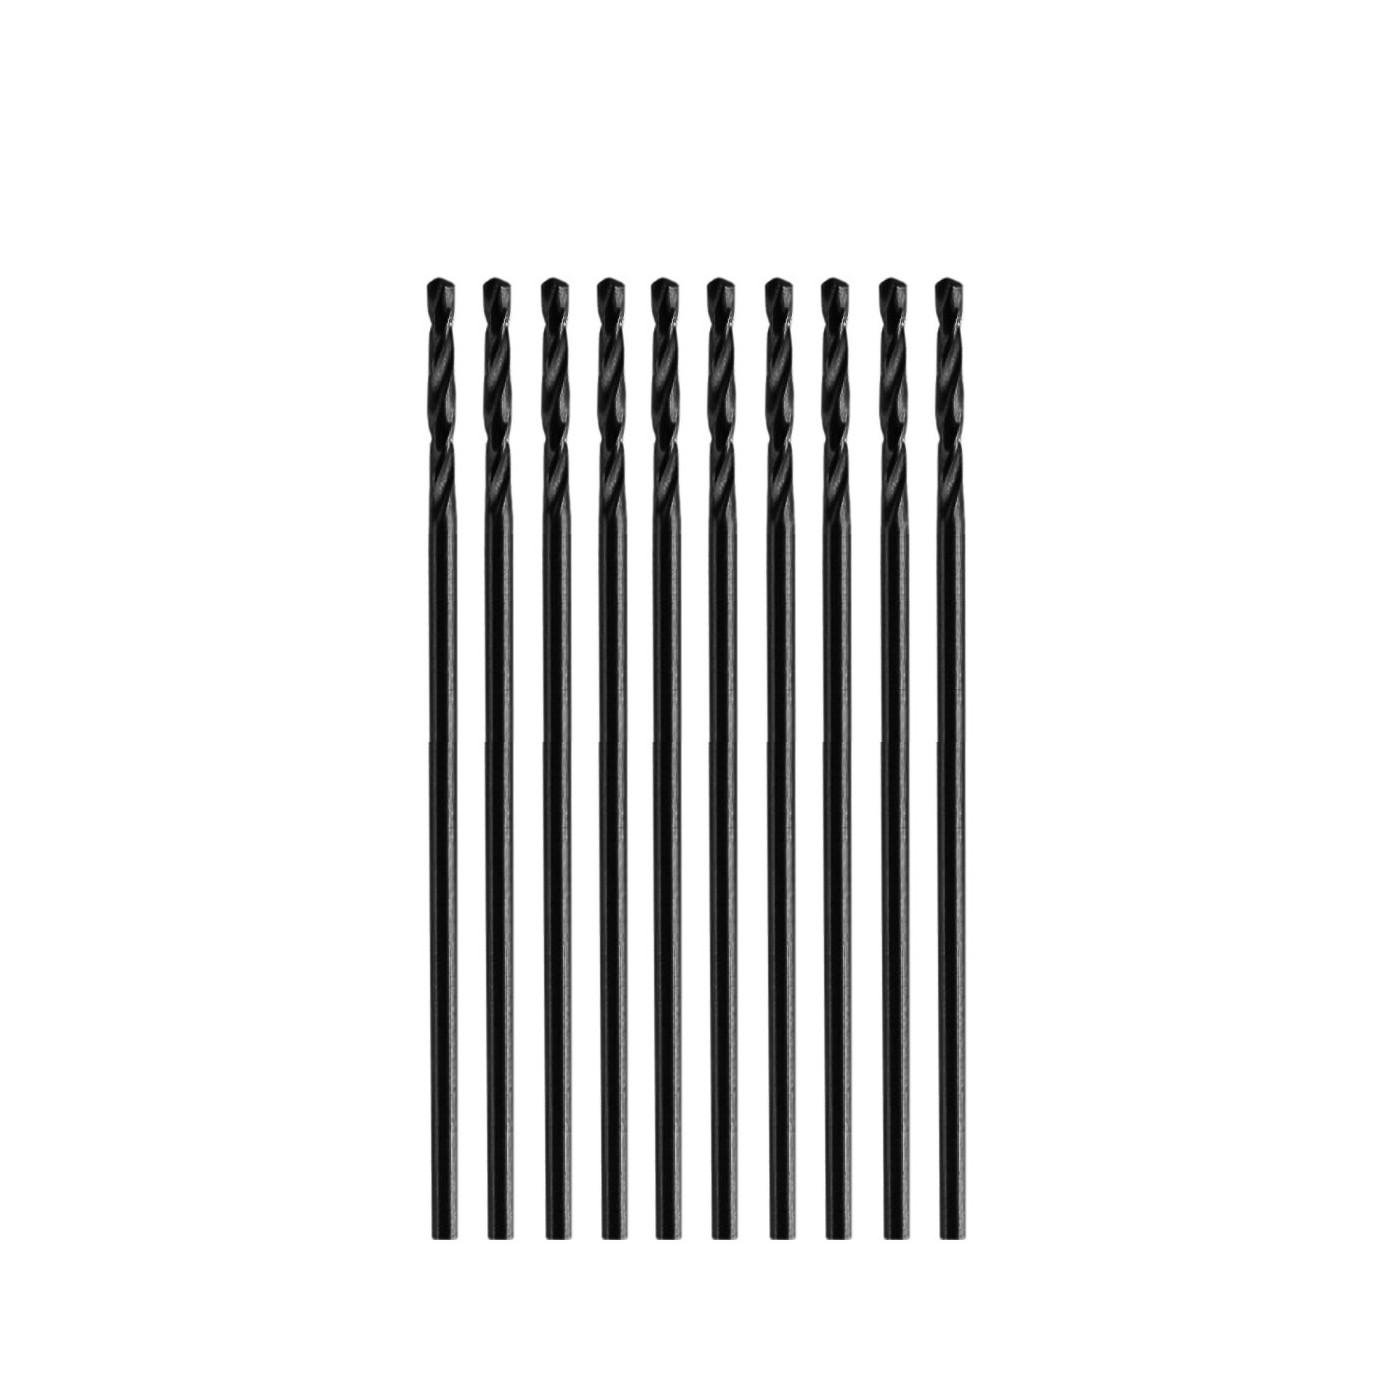 Set of 10 small metal drill bits (1.7x43 mm, HSS)